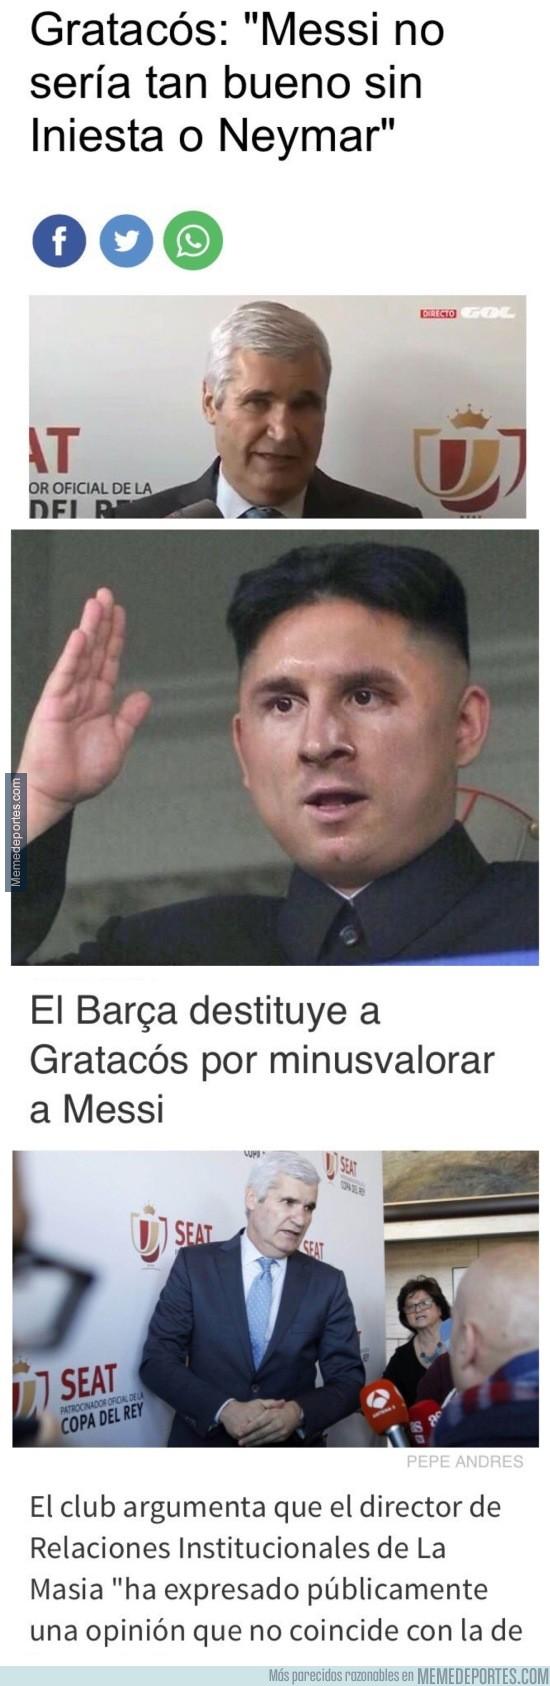 939288 - El pequeño dictador, controla el Barça en todos los sentidos